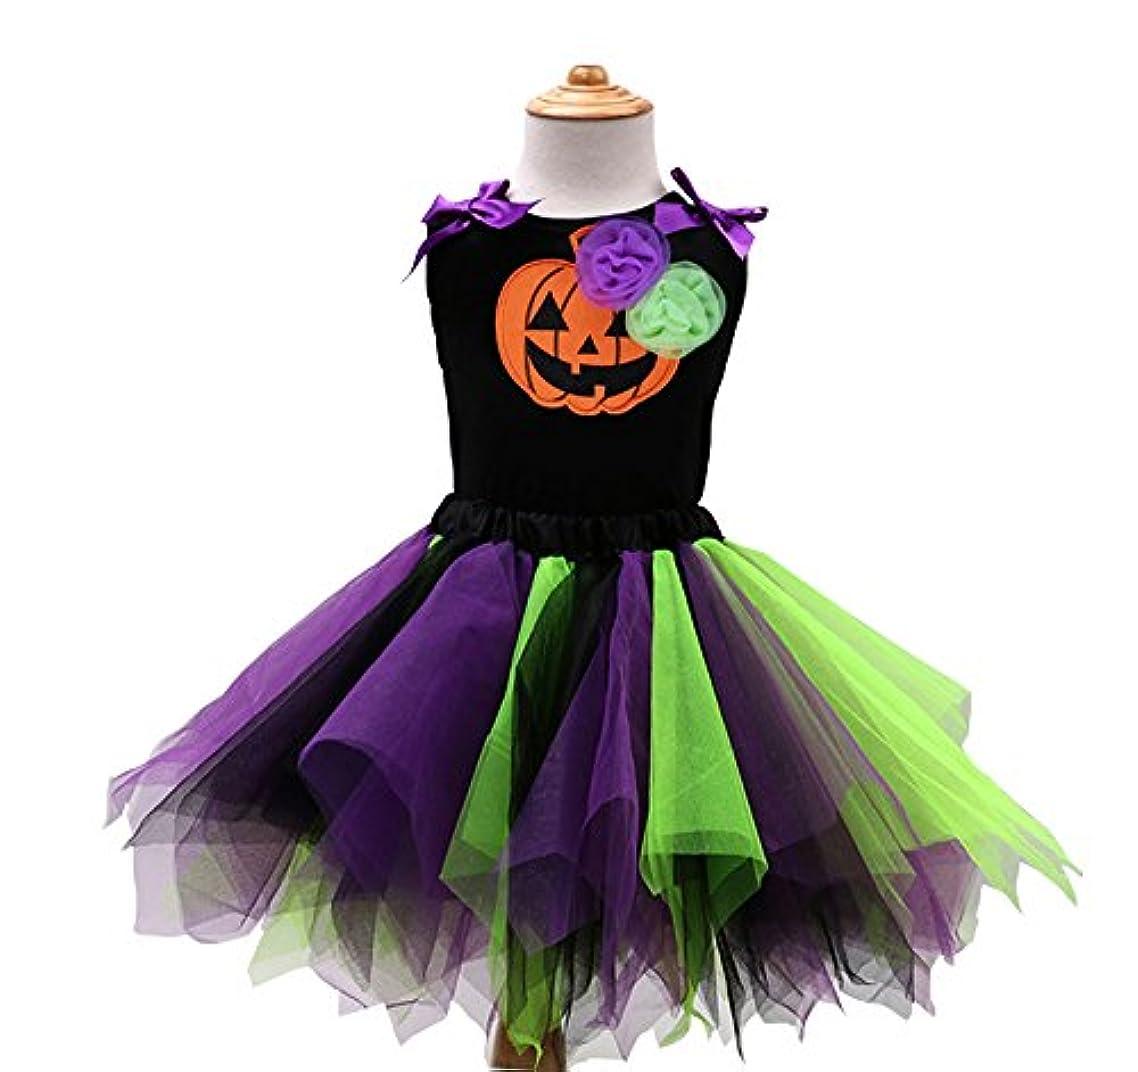 傾斜決定的ストラトフォードオンエイボンハロウィン衣装 かぼちゃ パンプキン チュチュ スカート 上下セット ベビー 女の子 子供用 ふんわり 仮装 ハロウィーン ダンス衣装 キッズ コスプレ コスチューム 子供服 万聖節 お化け デビル かわいい キッズ用 かぼちゃのコスチュームが登場 2点セット Happy-Online (XL, グリーン)